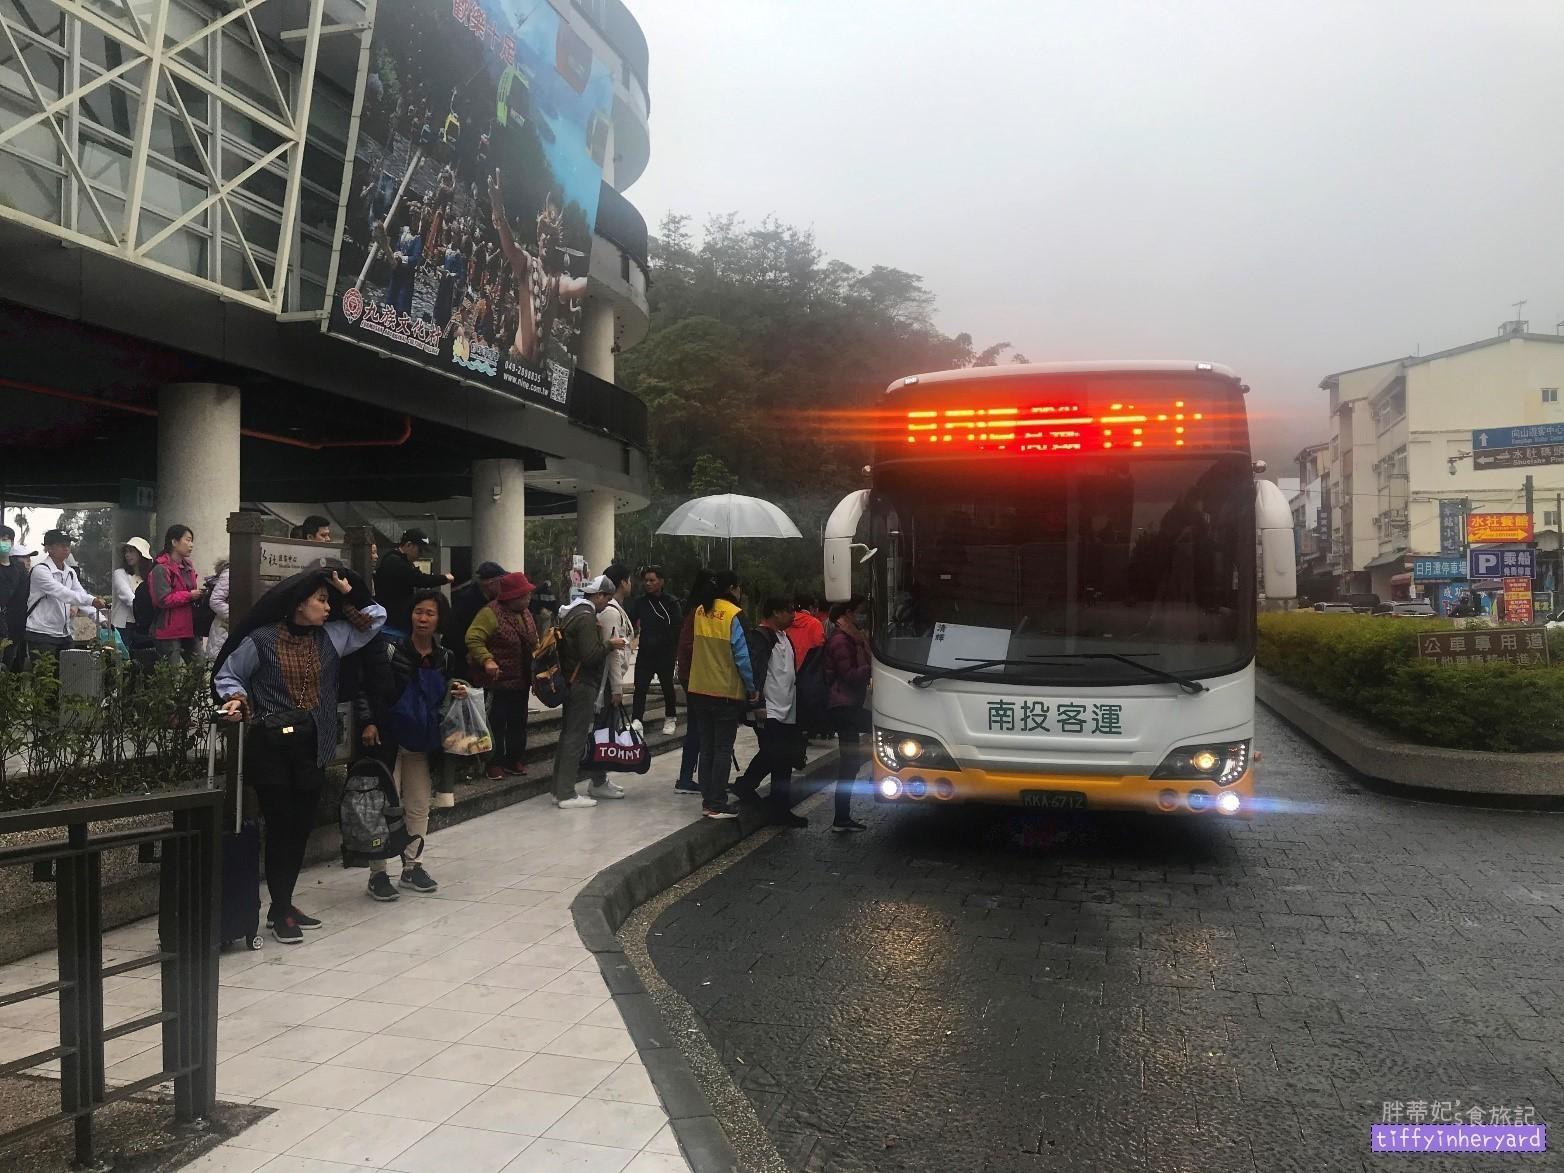 日月潭紅茶 - 台灣好行日月潭站水社碼頭,香滿村就在旁邊喔